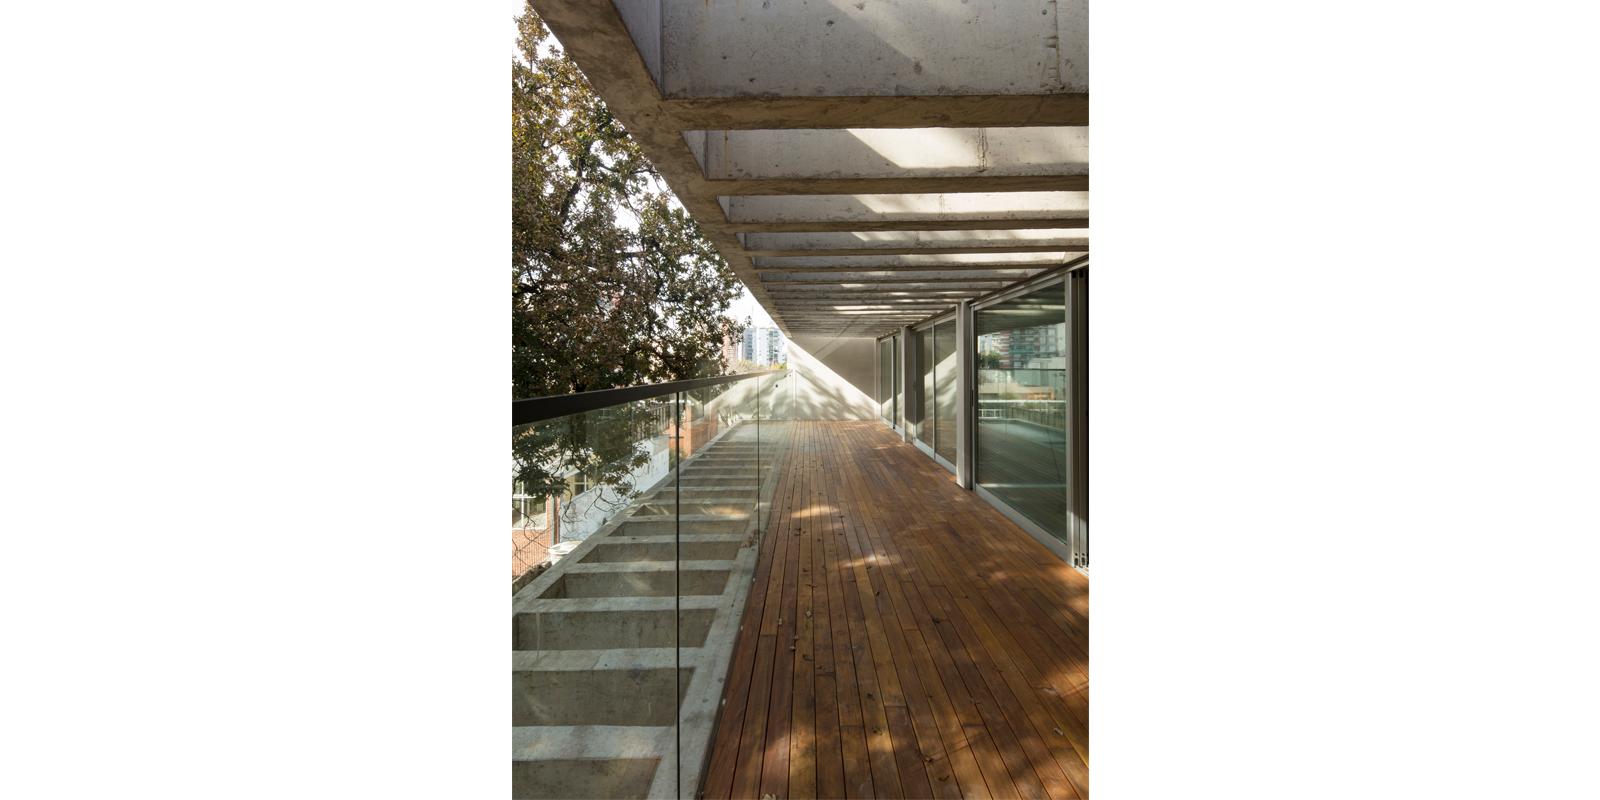 ProyectoC_Arquitectos_Portfolio_13_EnriqueMartinez